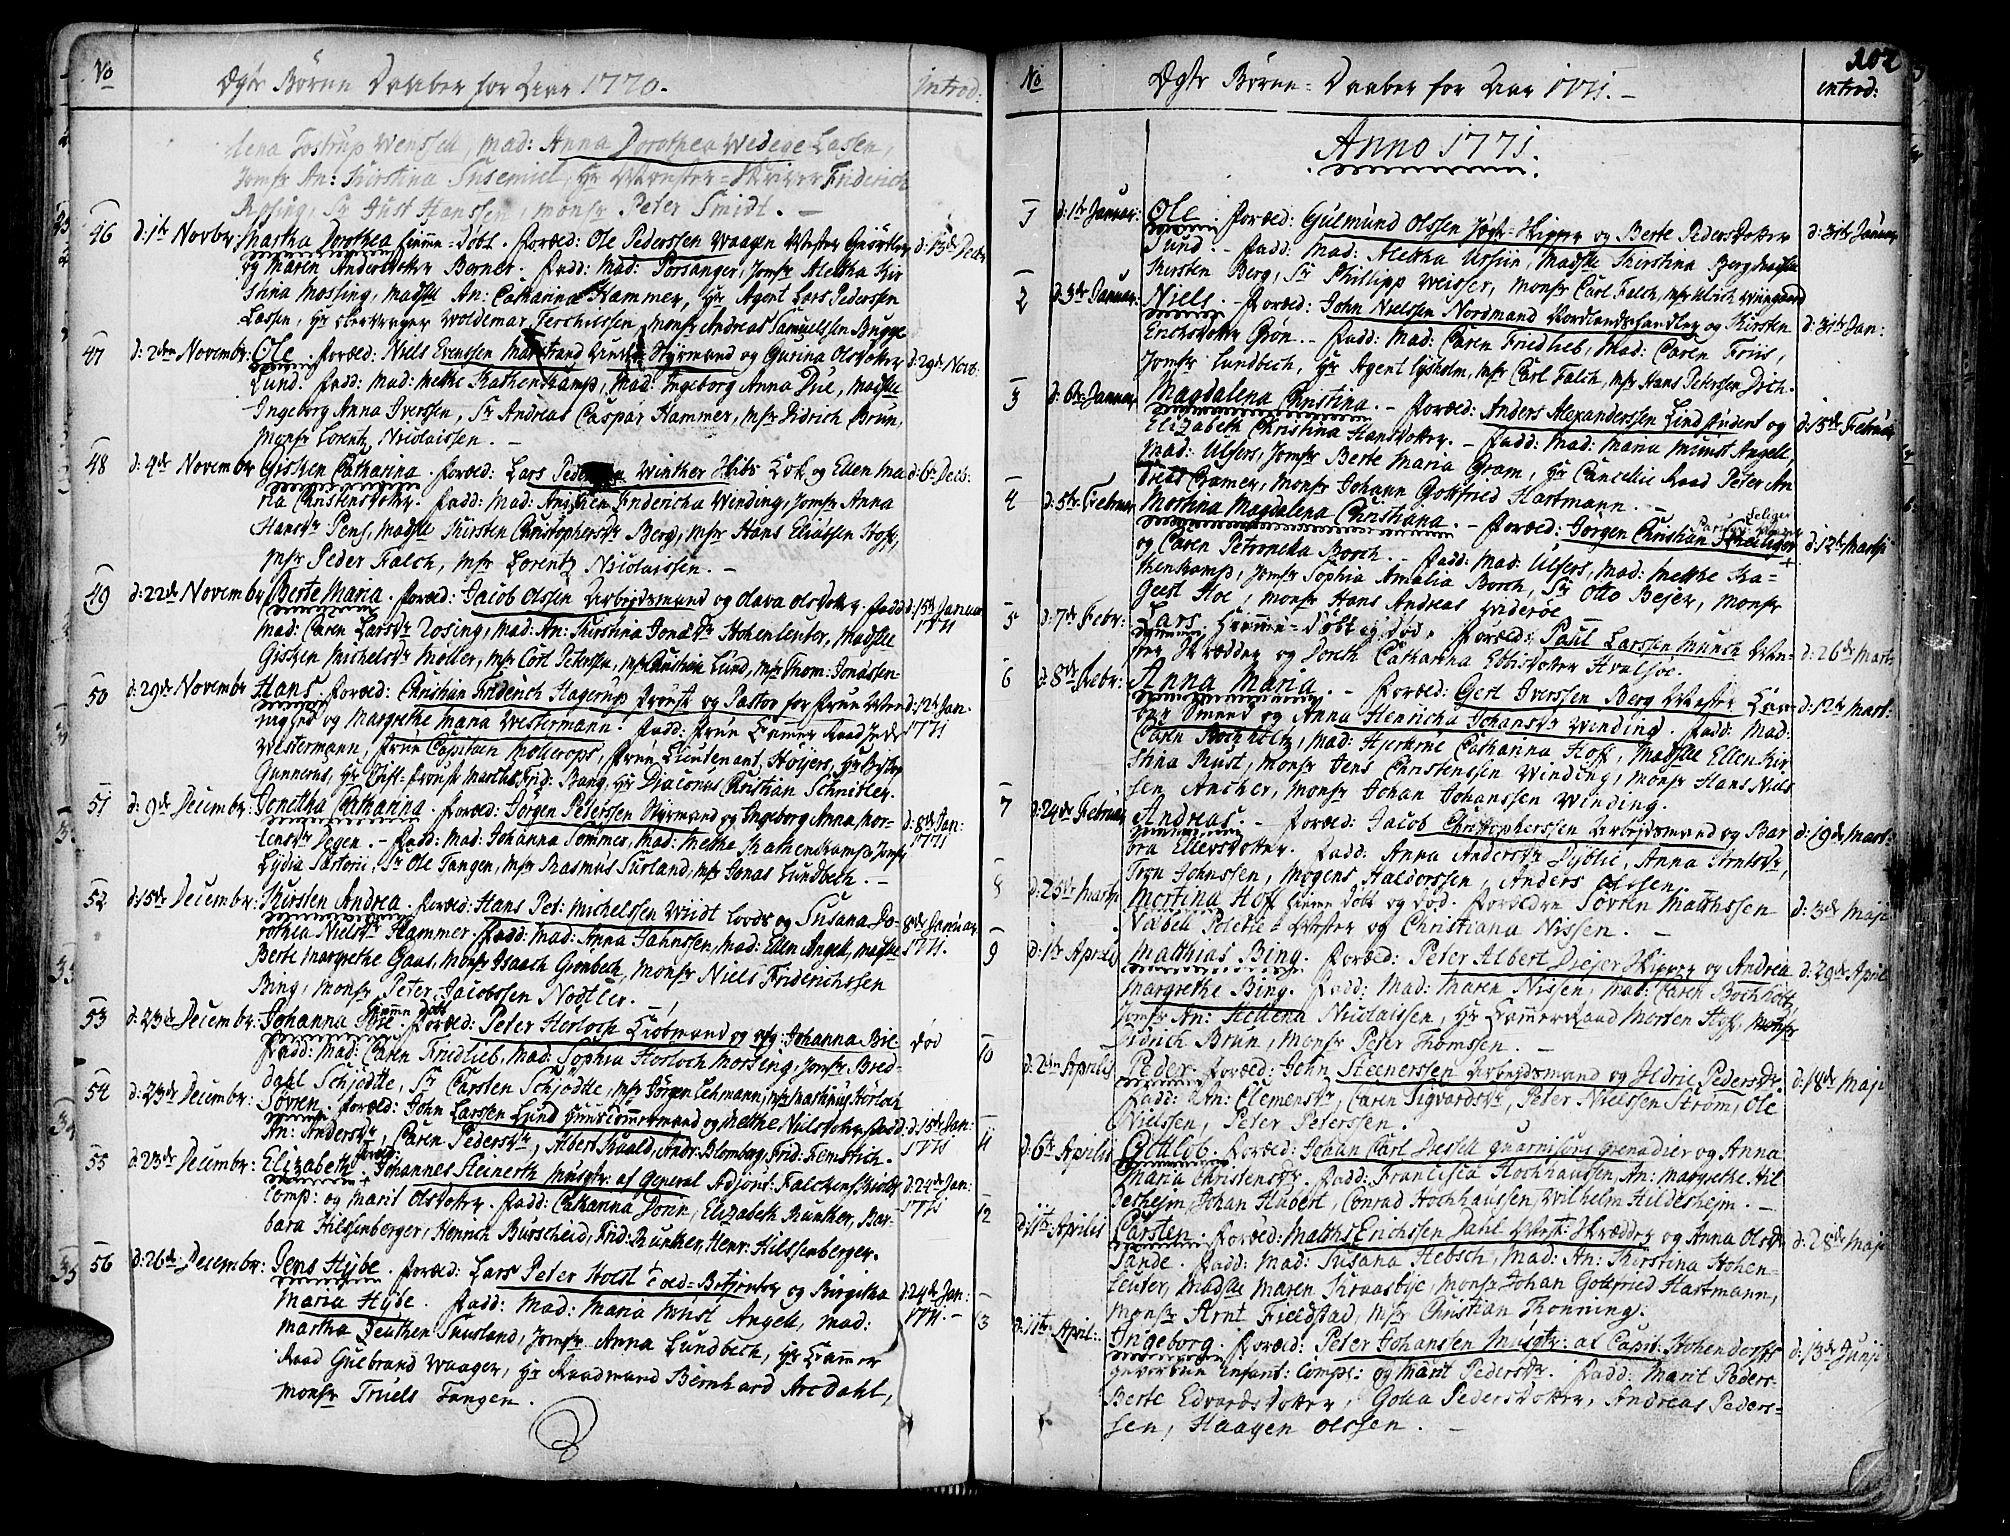 SAT, Ministerialprotokoller, klokkerbøker og fødselsregistre - Sør-Trøndelag, 602/L0103: Ministerialbok nr. 602A01, 1732-1774, s. 102